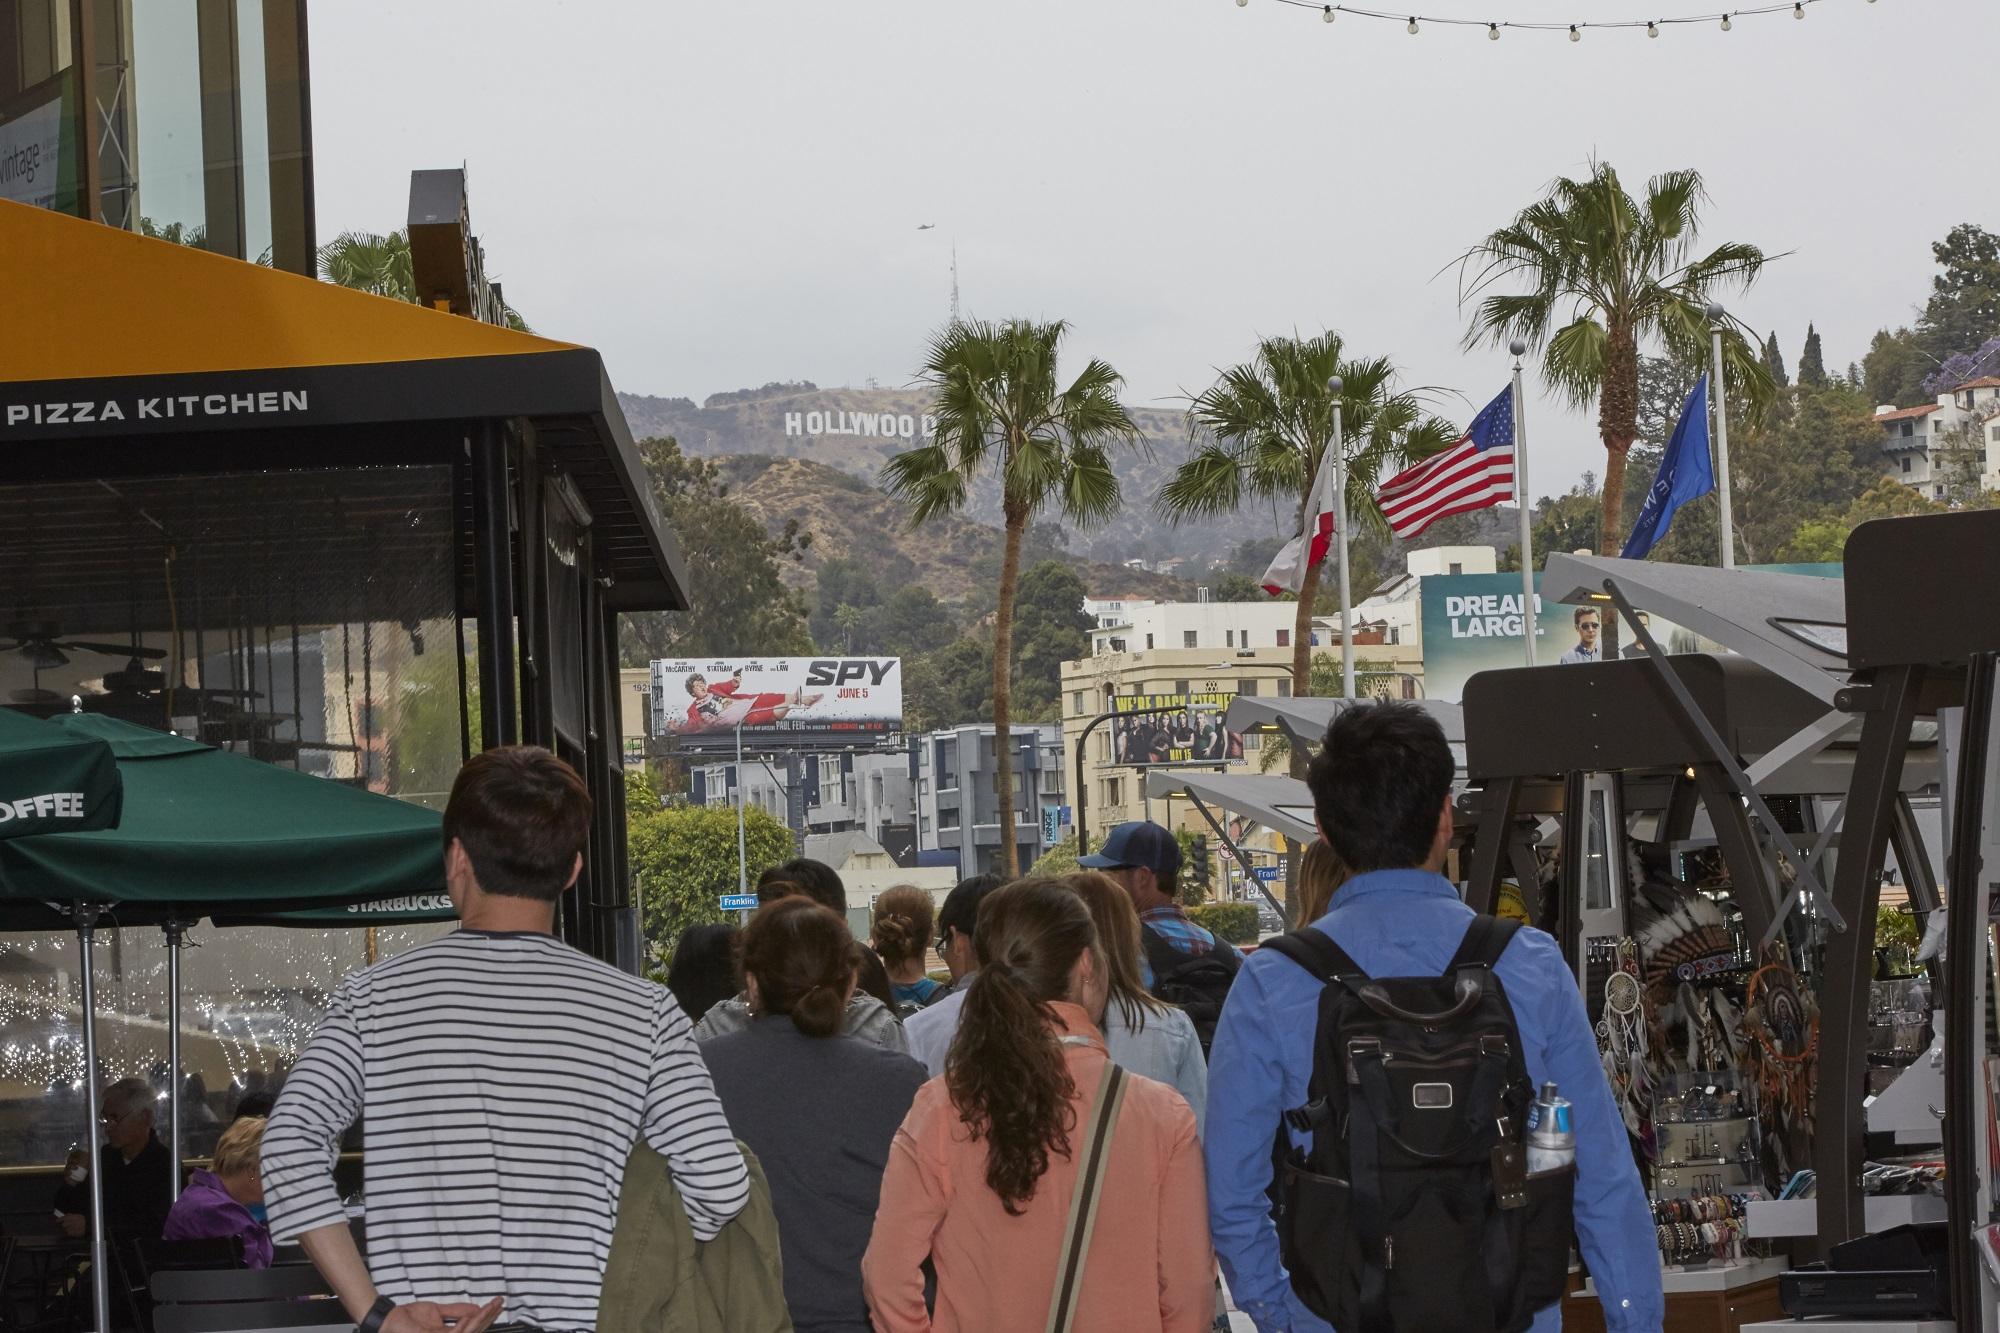 ELCロサンゼルス校:イメージ